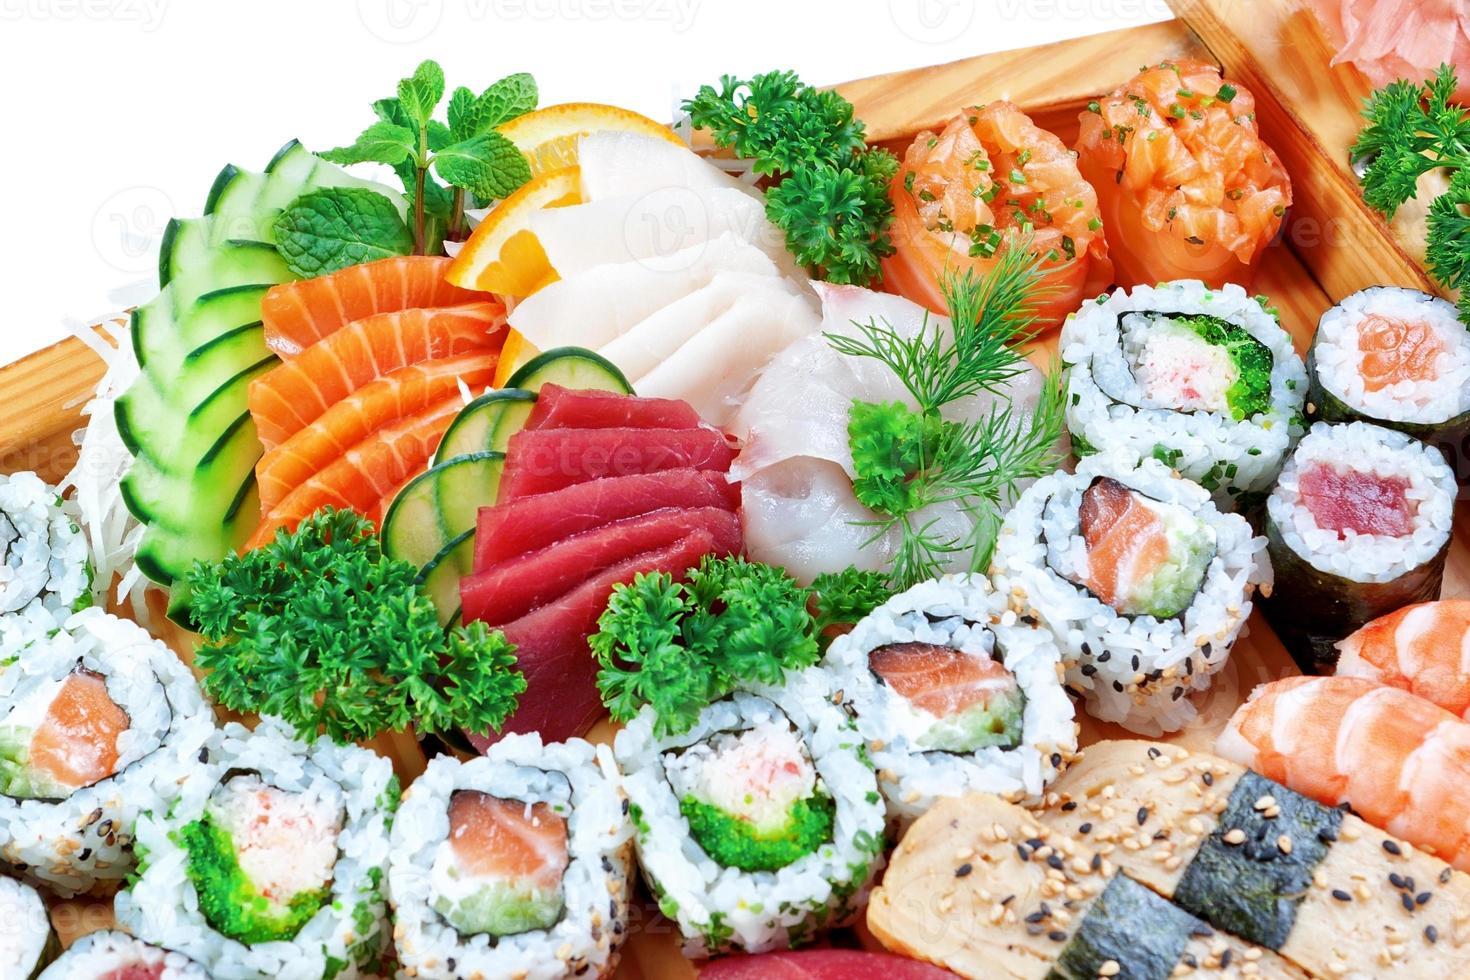 définir le groupe de sushi de nourriture exotique. photo